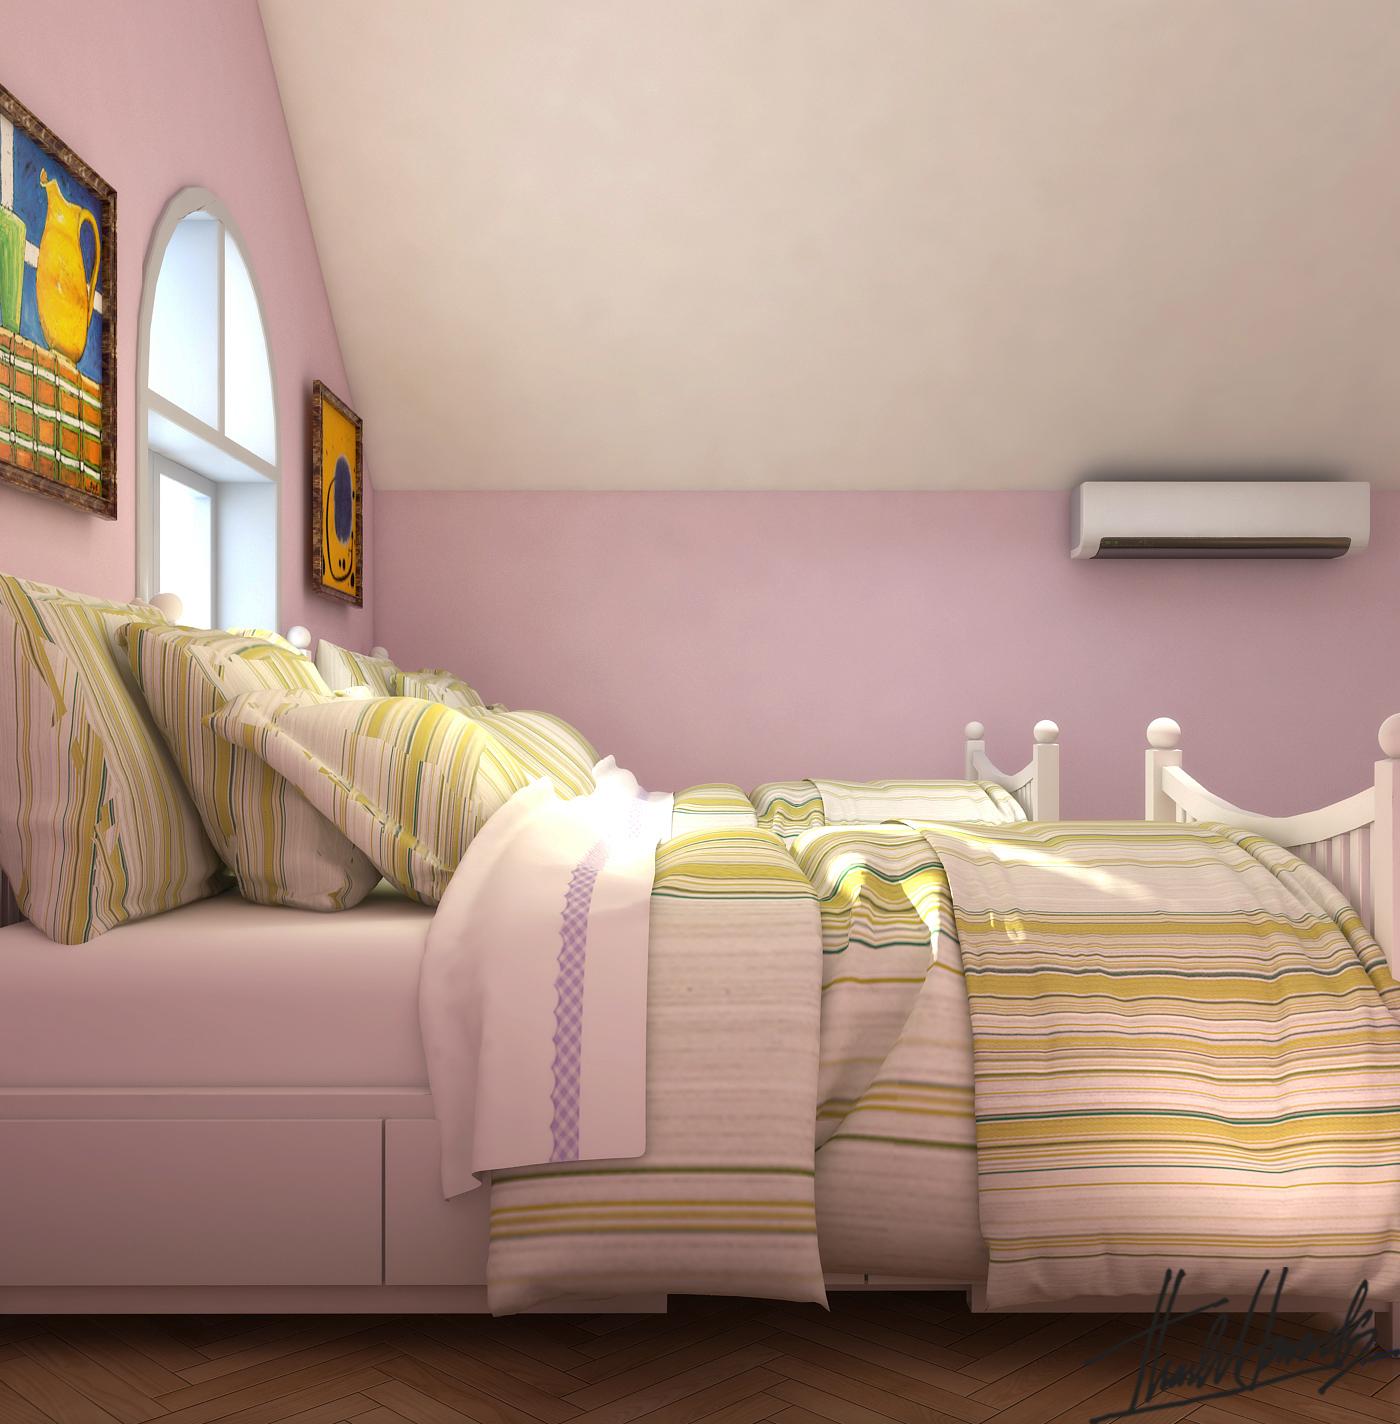 thiết kế nội thất Biệt Thự tại Hà Nội bt Vinhomes - riverside 10 1568274526